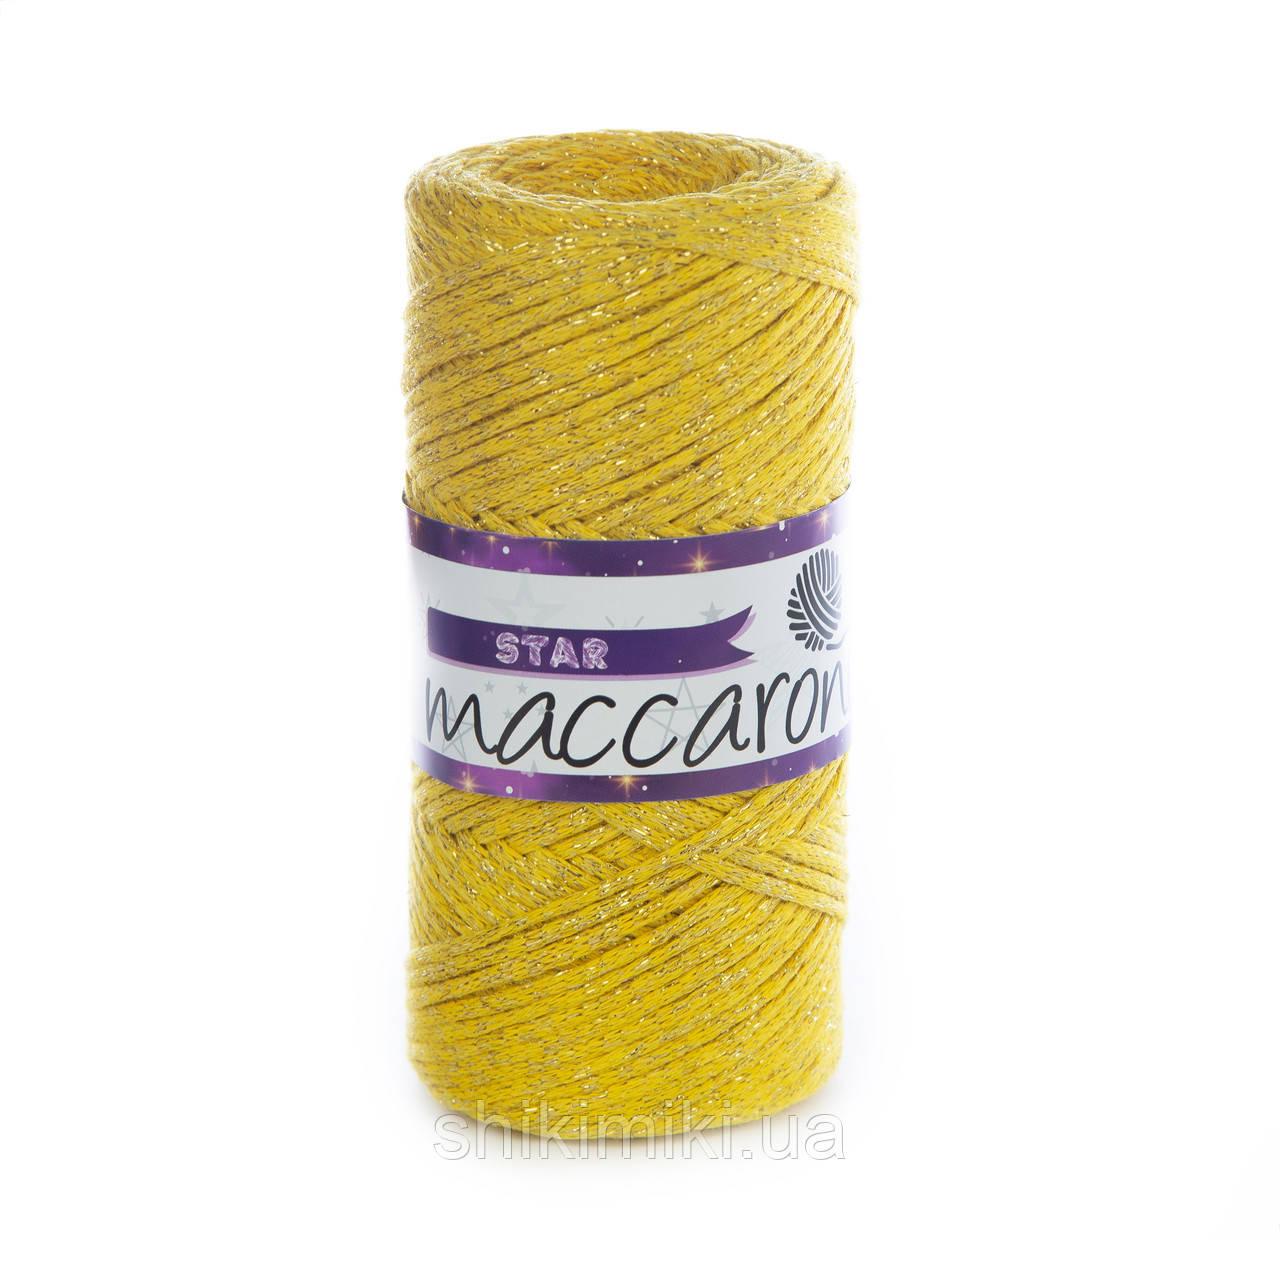 Трикотажный шнур с люрексом Star, цвет Солнечный